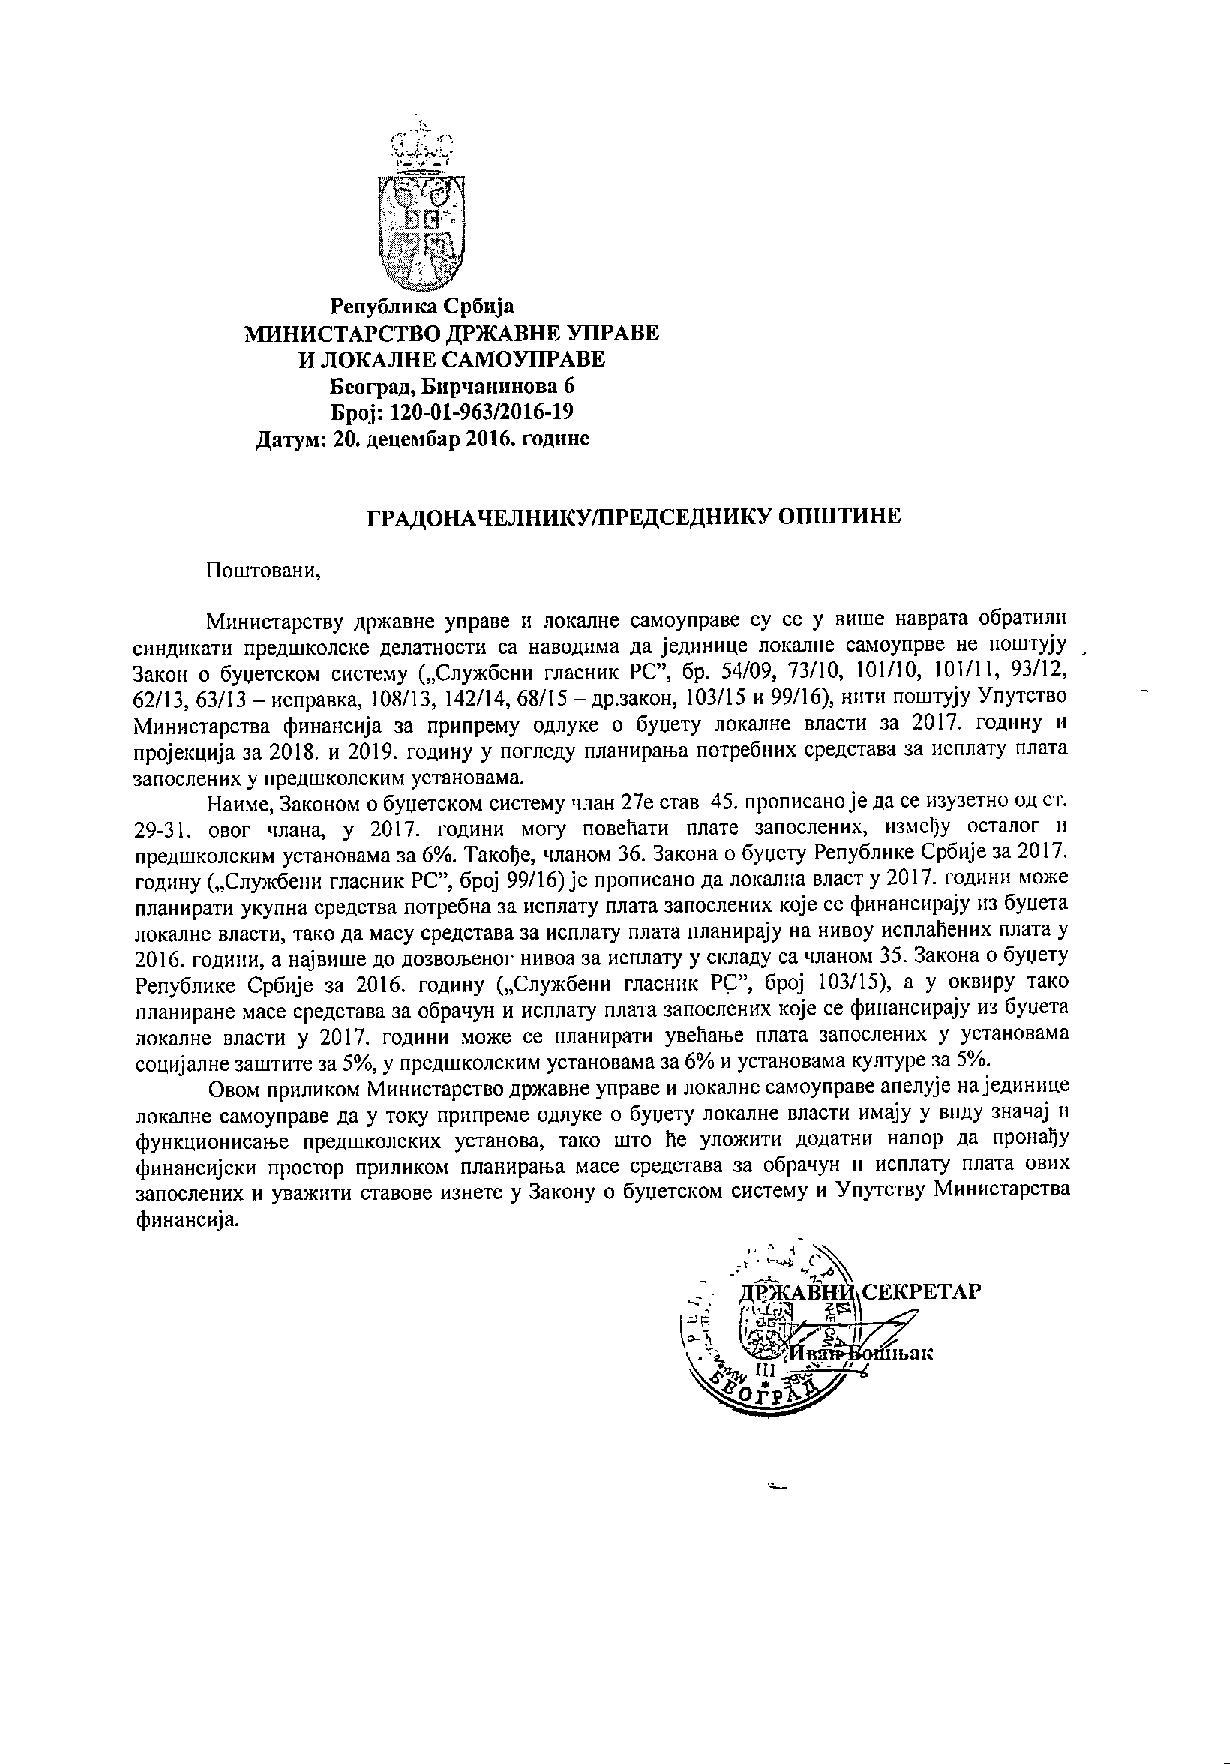 Dopis za sve JLS planiranje budzeta predskolci-page-001